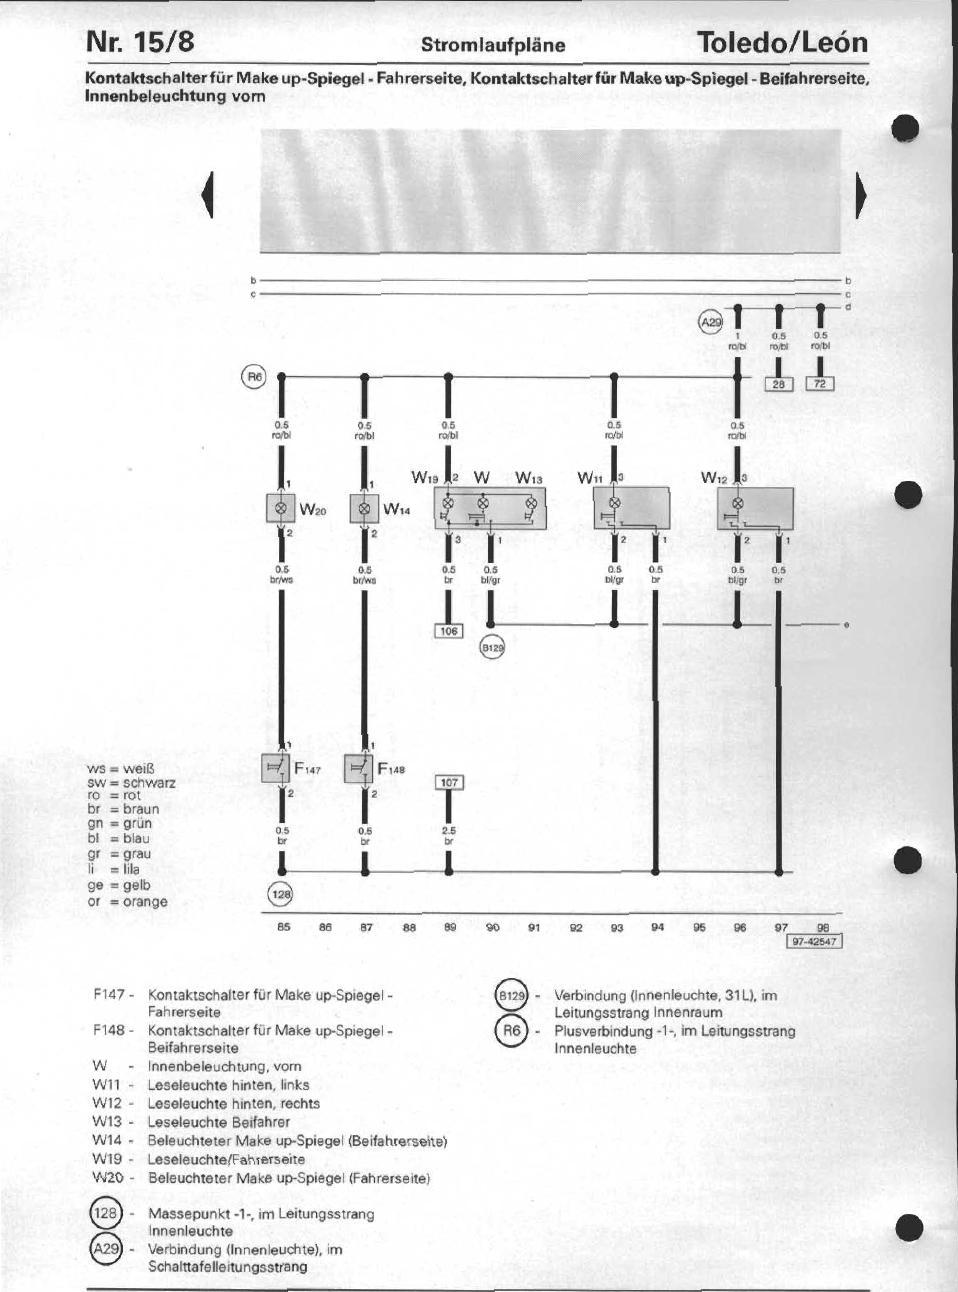 Groß Sitz Leon Schaltplan Fotos - Elektrische Schaltplan-Ideen ...